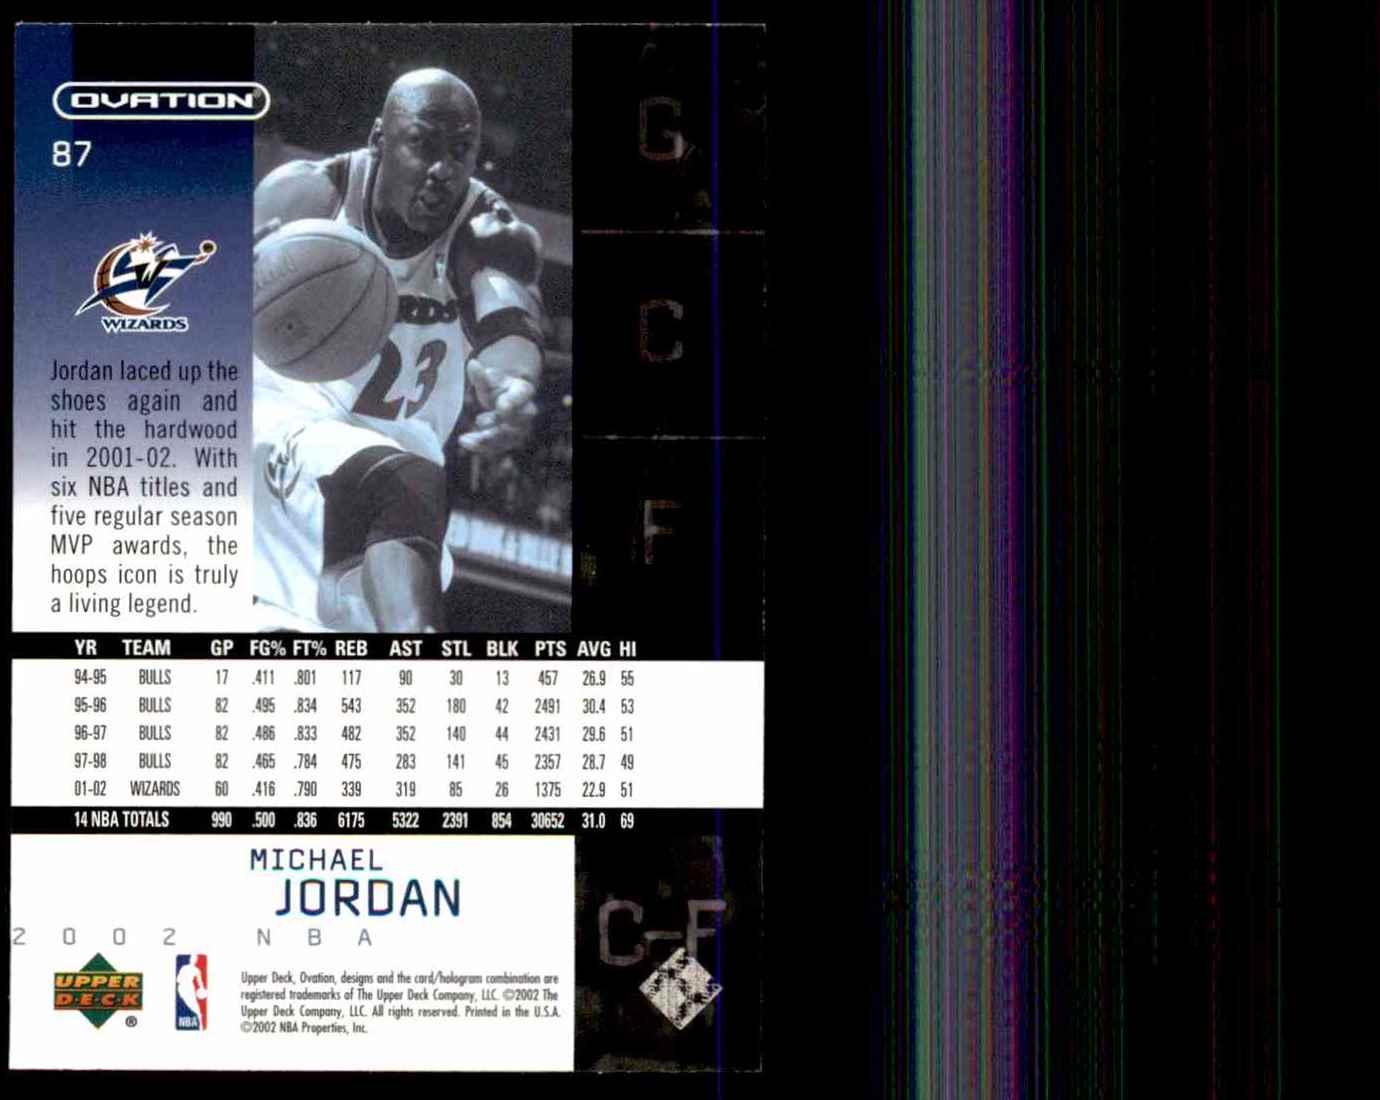 2002-03 Upper Deck Ovation Michael Jordan #87 card back image